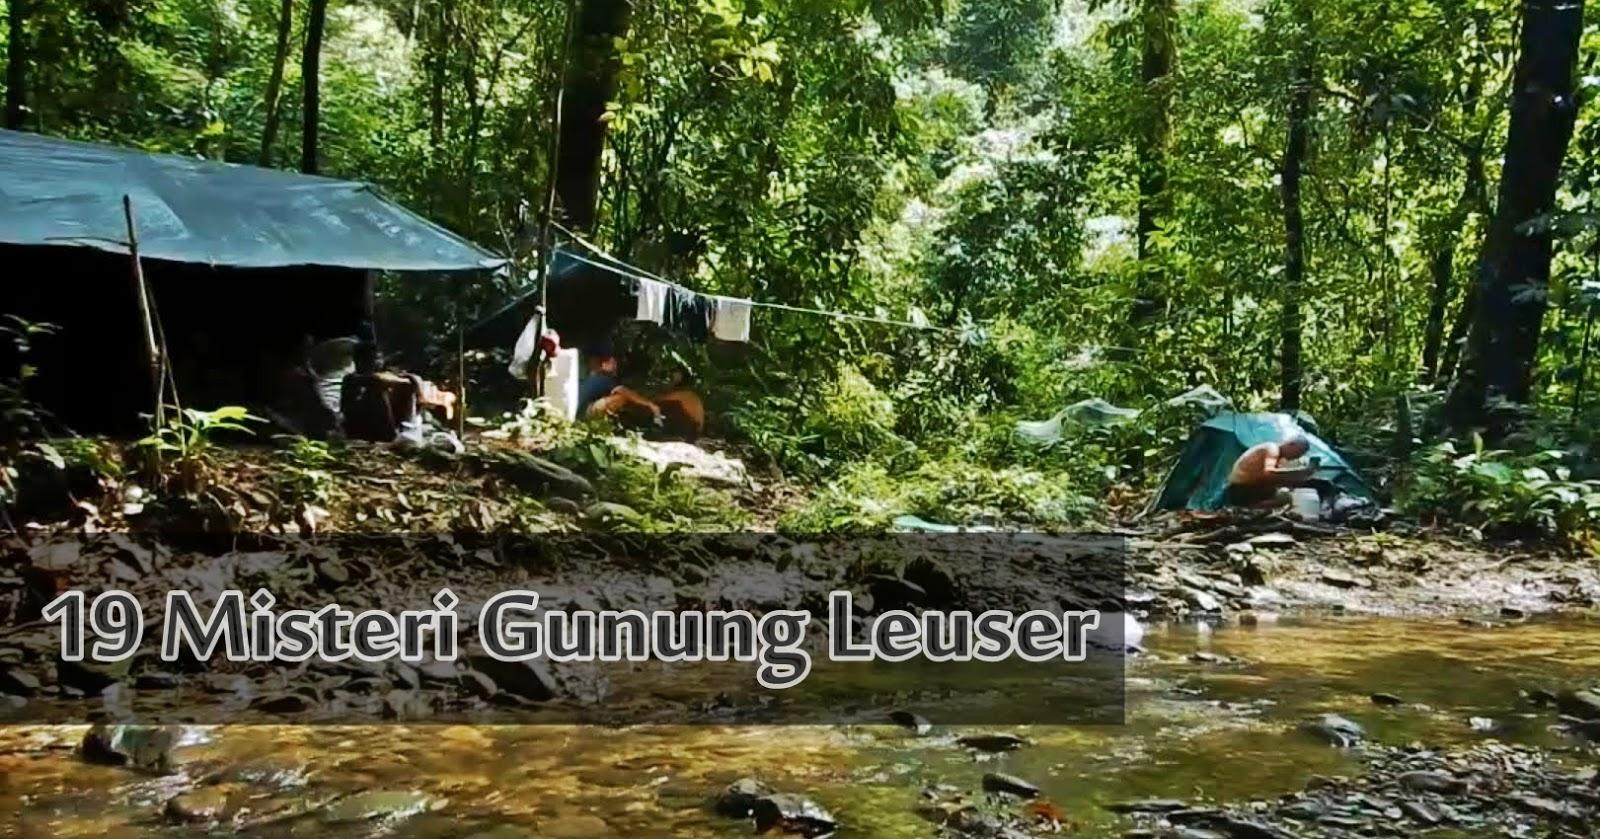 19 Fakta dan Misteri Gunung Leuser di Sumatera | Basecamp Para Pendaki Basecamp Para Pendaki1600 × 839Search by image 19 Fakta dan Misteri Gunung Leuser di Sumatera